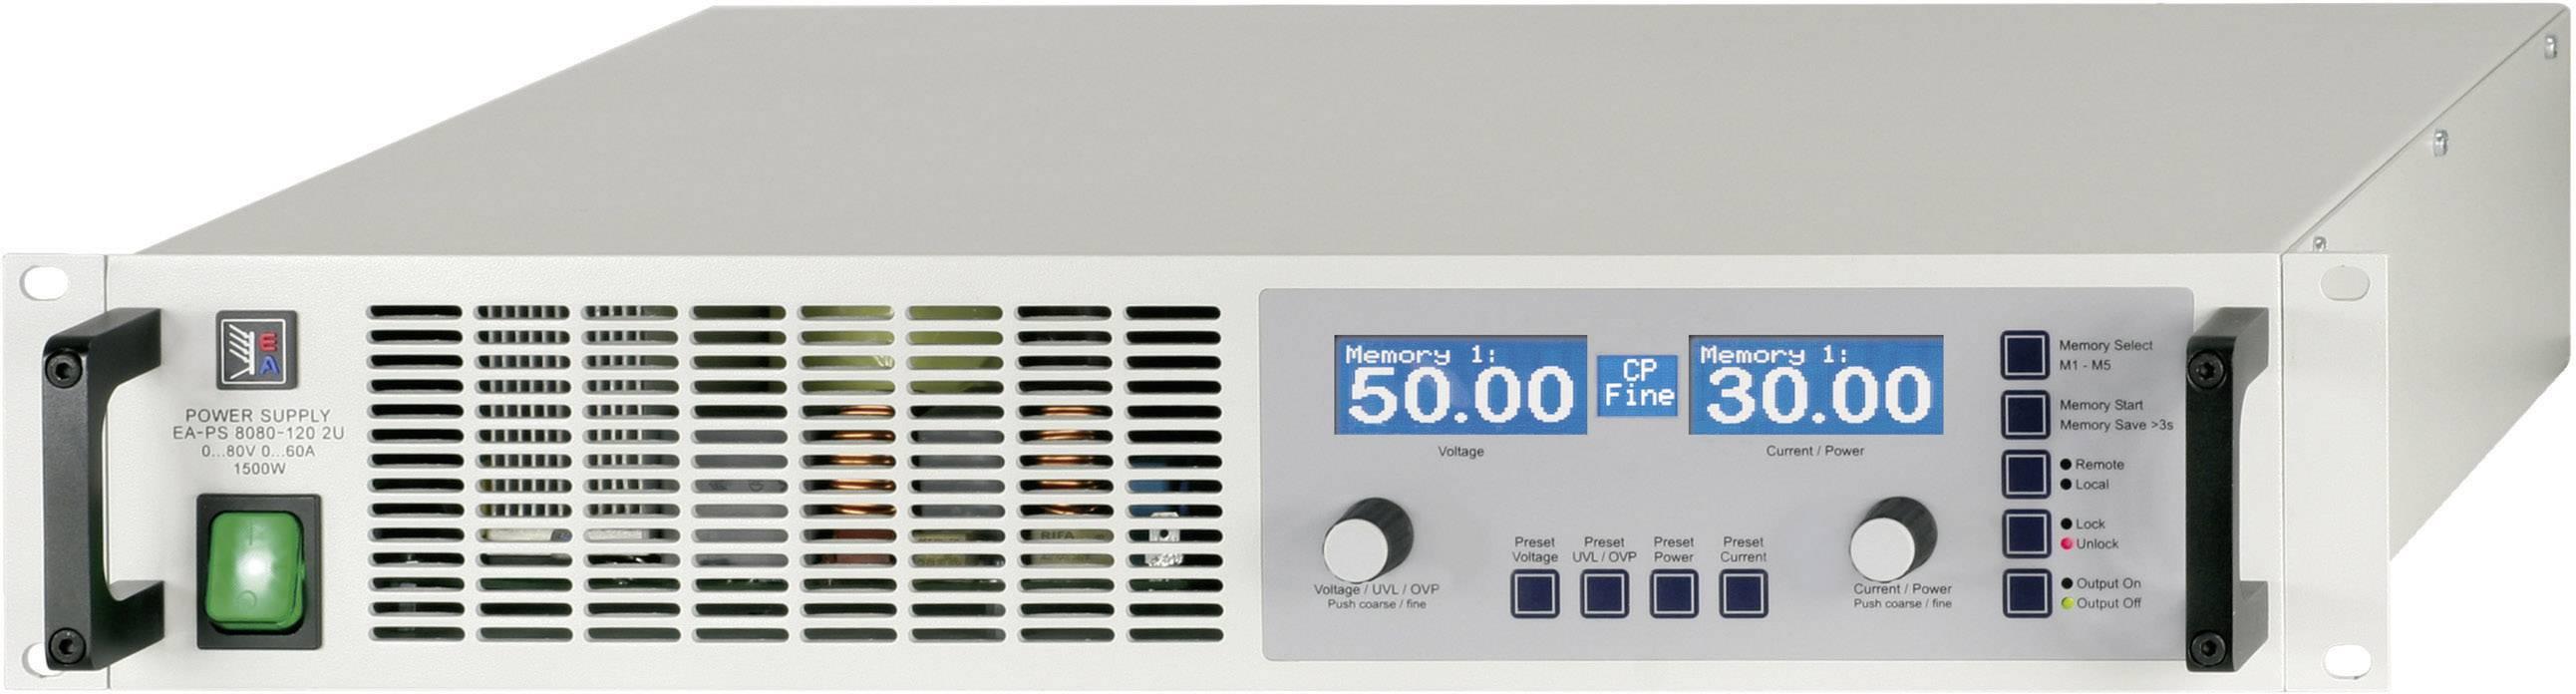 Nastavitelný laboratorní zdroj EA-PS 8160-04, 0 - 160 V, 0 - 4 A